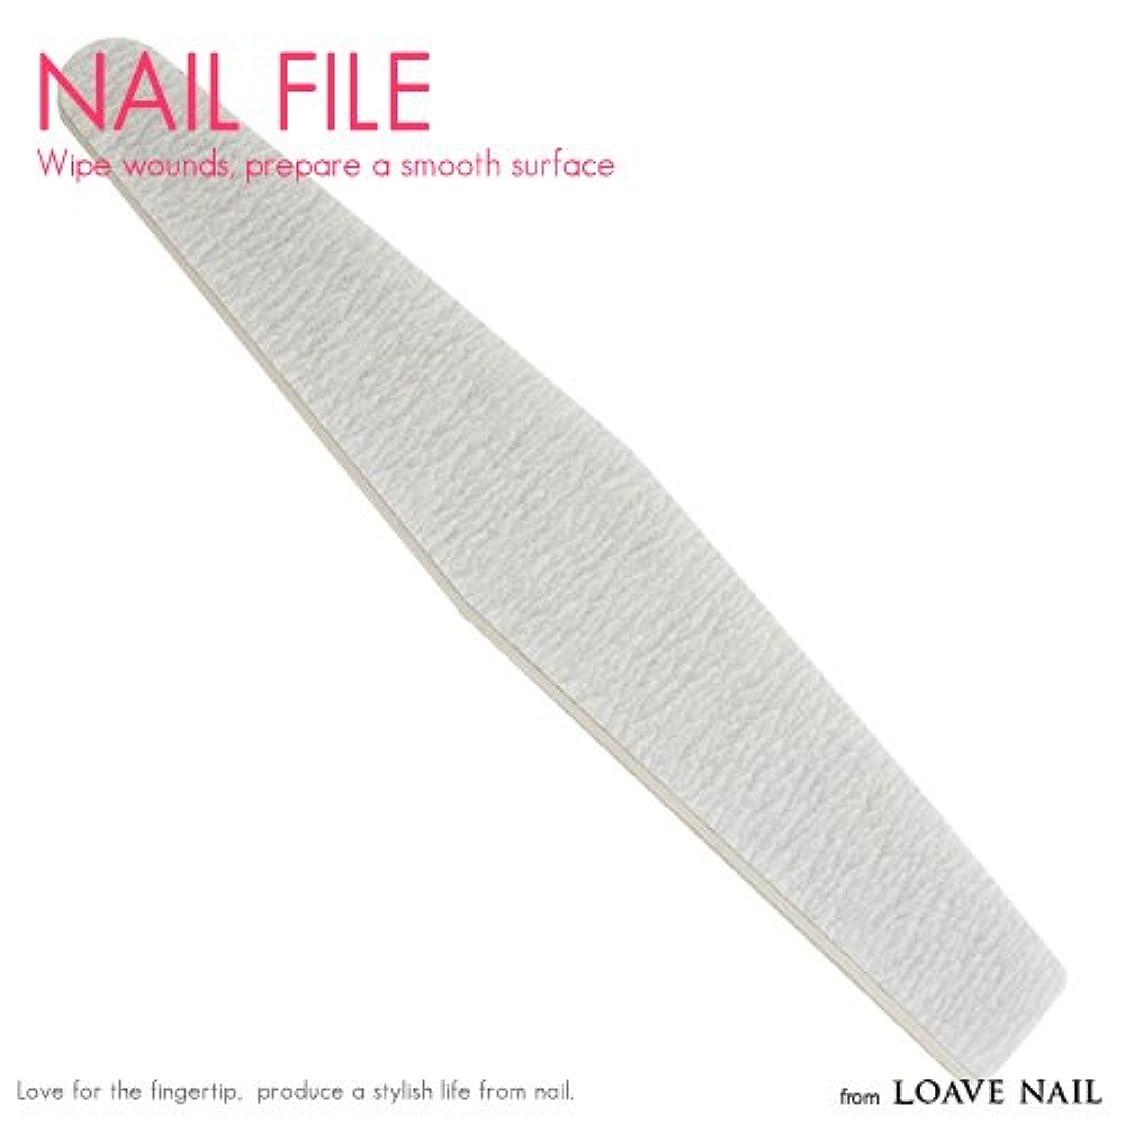 一般化する放棄ピューネイルファイル 100/180 ジェルネイル ネイル用品